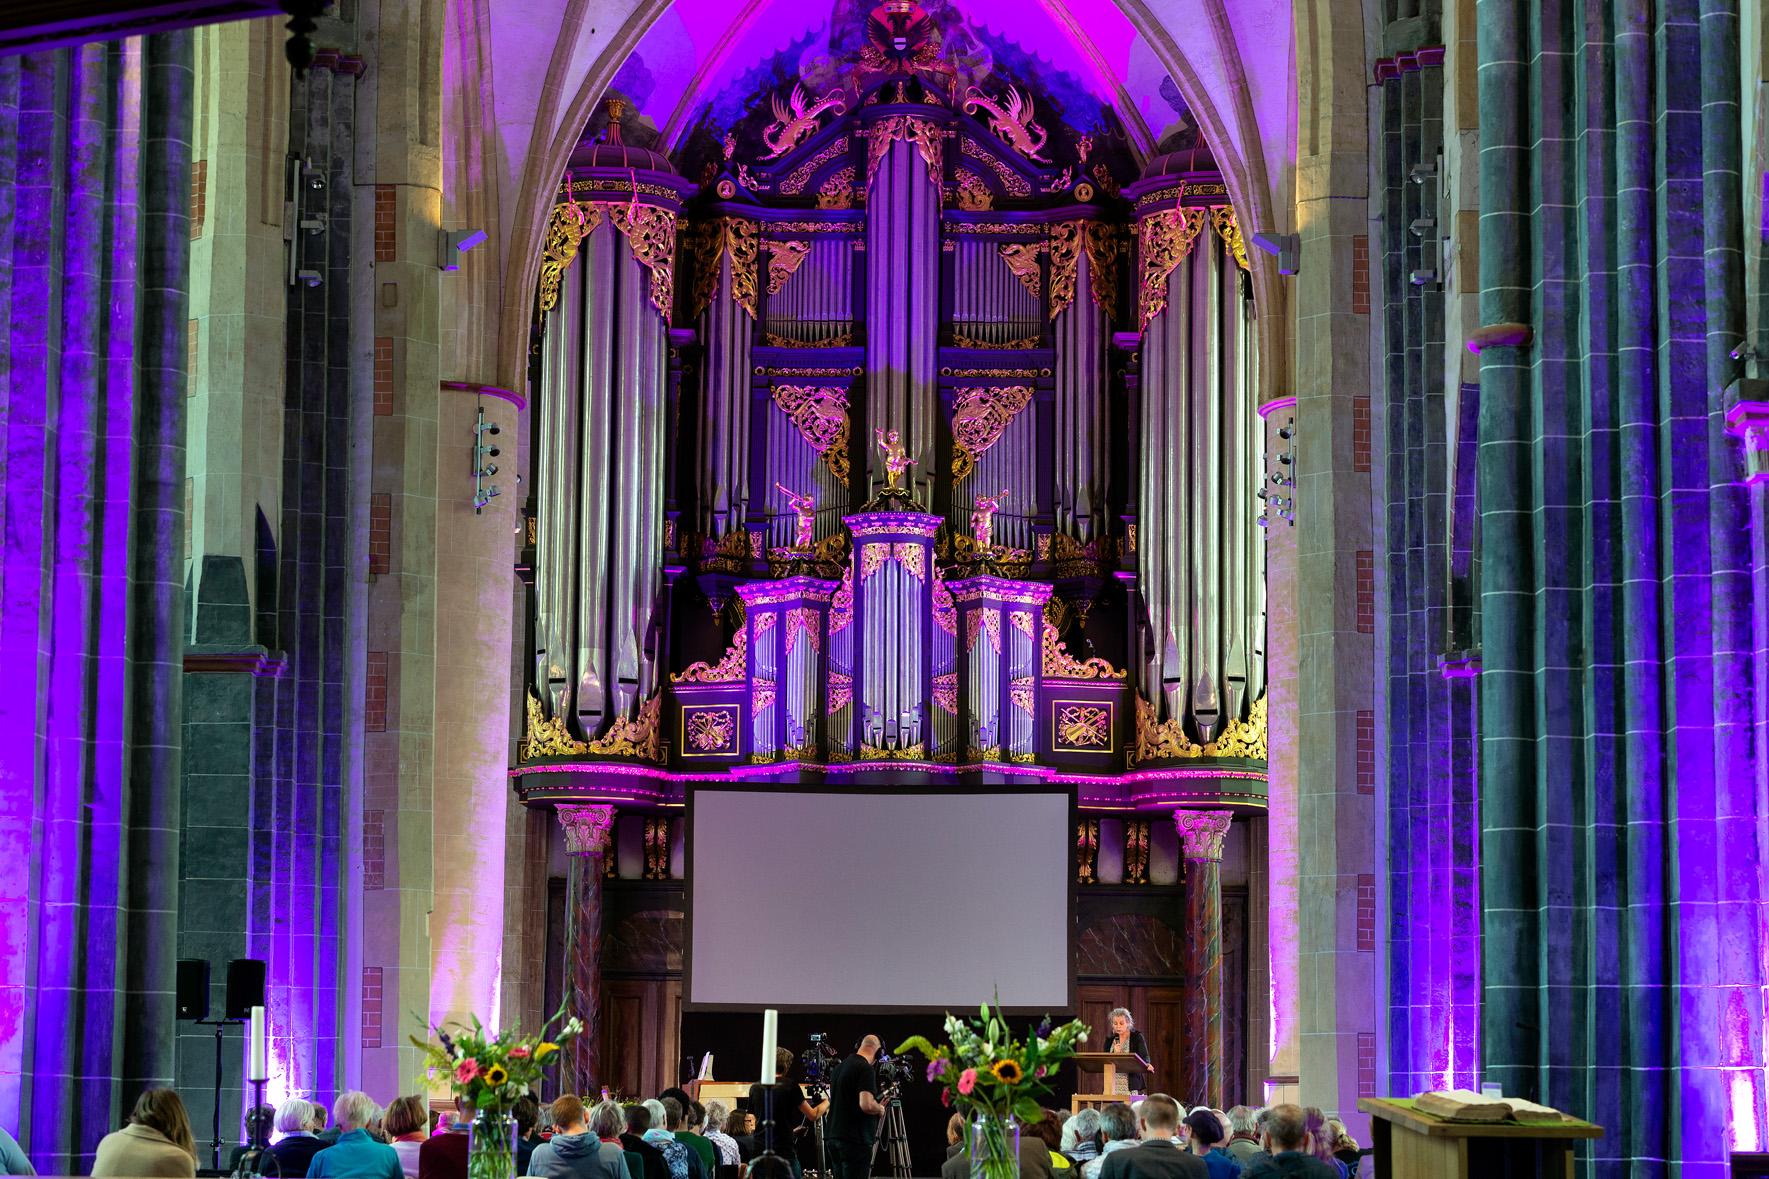 Martinikerk overzichtfoto zat 23 jun 2018 105